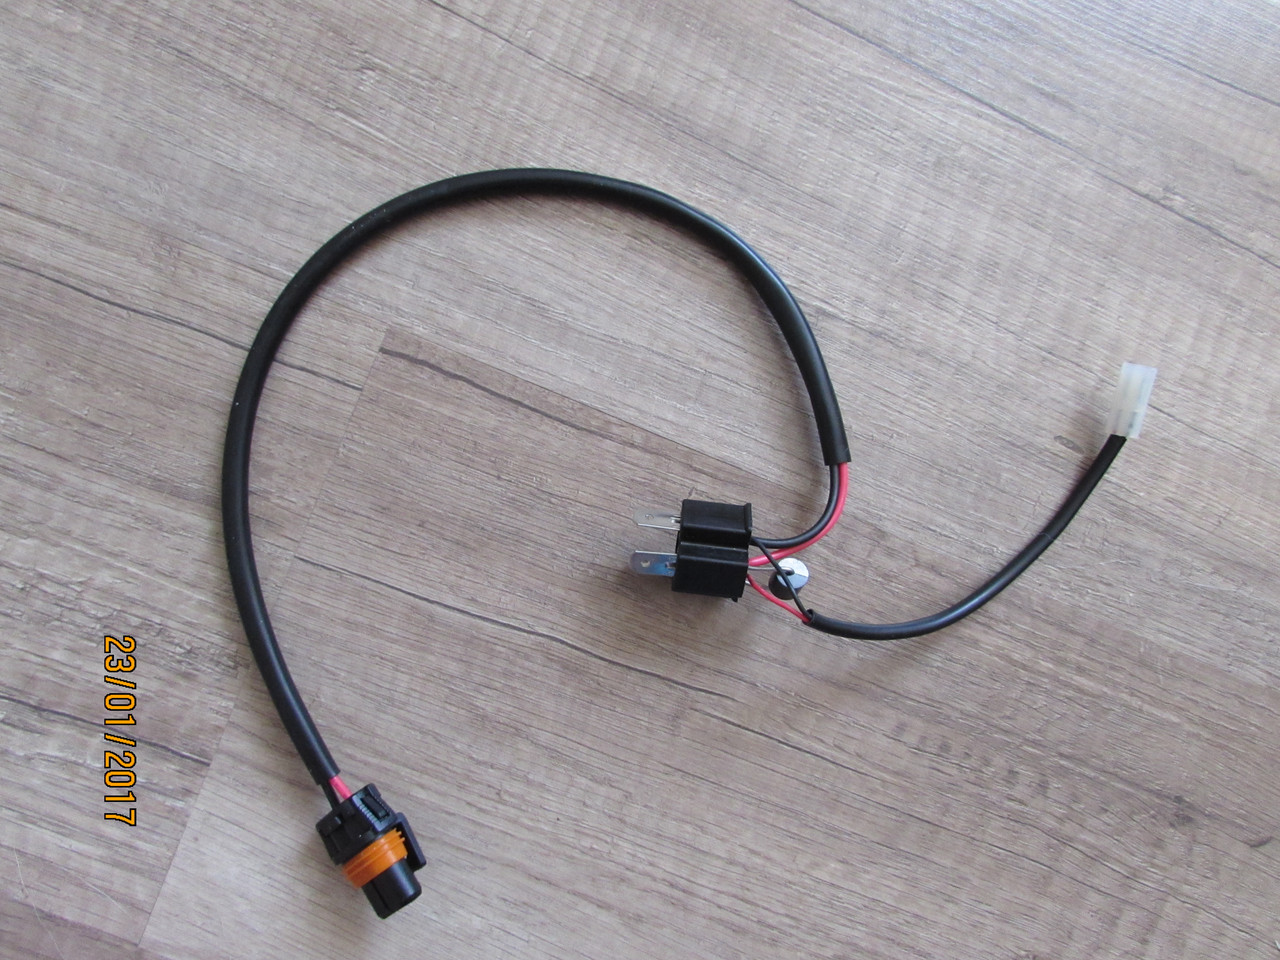 Проводка раздельная для би-линз и биксенона(штука)